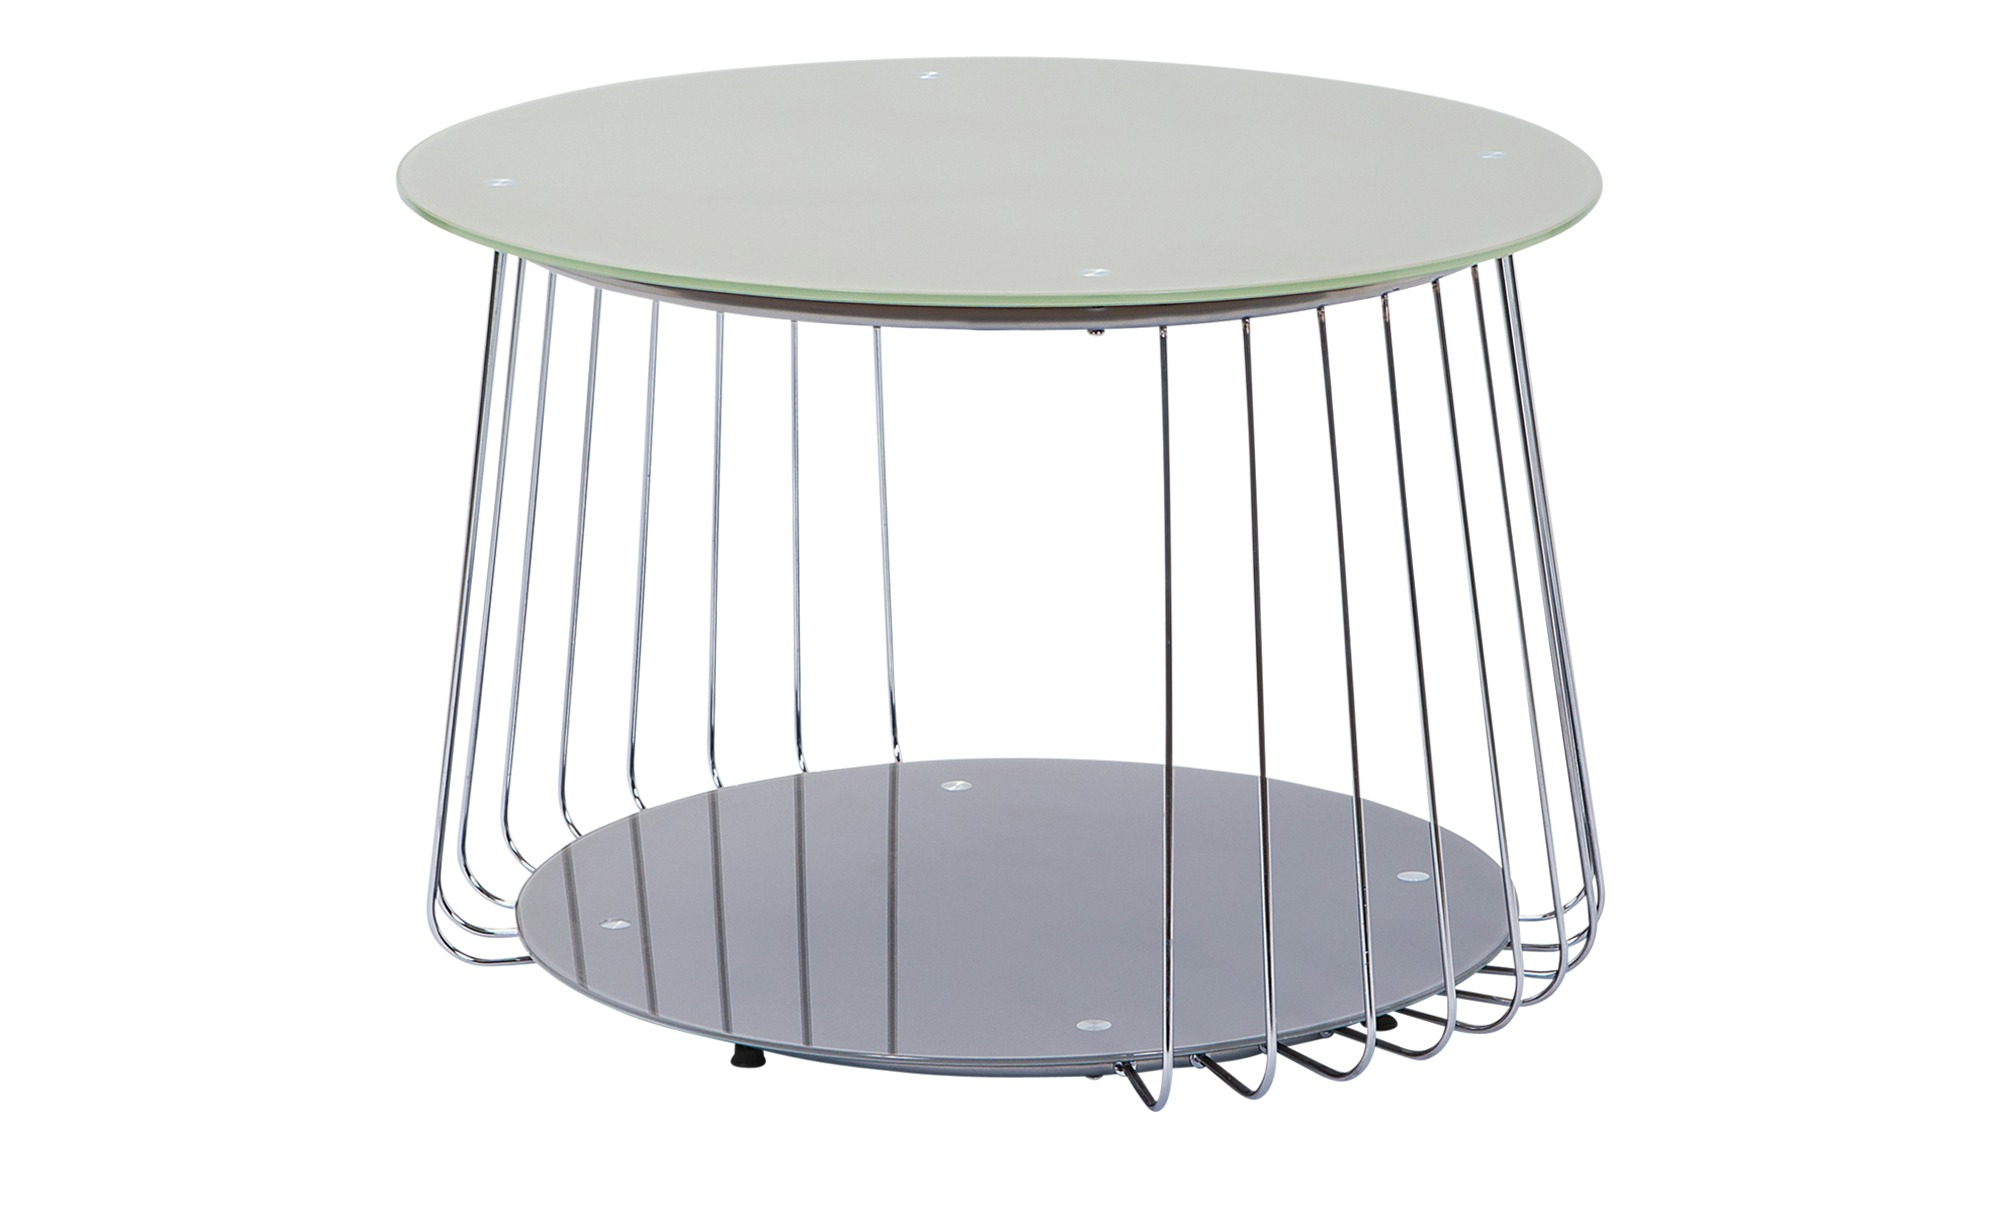 Couchtisch  Fiorane ¦ Maße (cm): B: 70 H: 50 T: 50 Ø: [70.0] Tische > Couchtische > Couchtische rund - Höffner